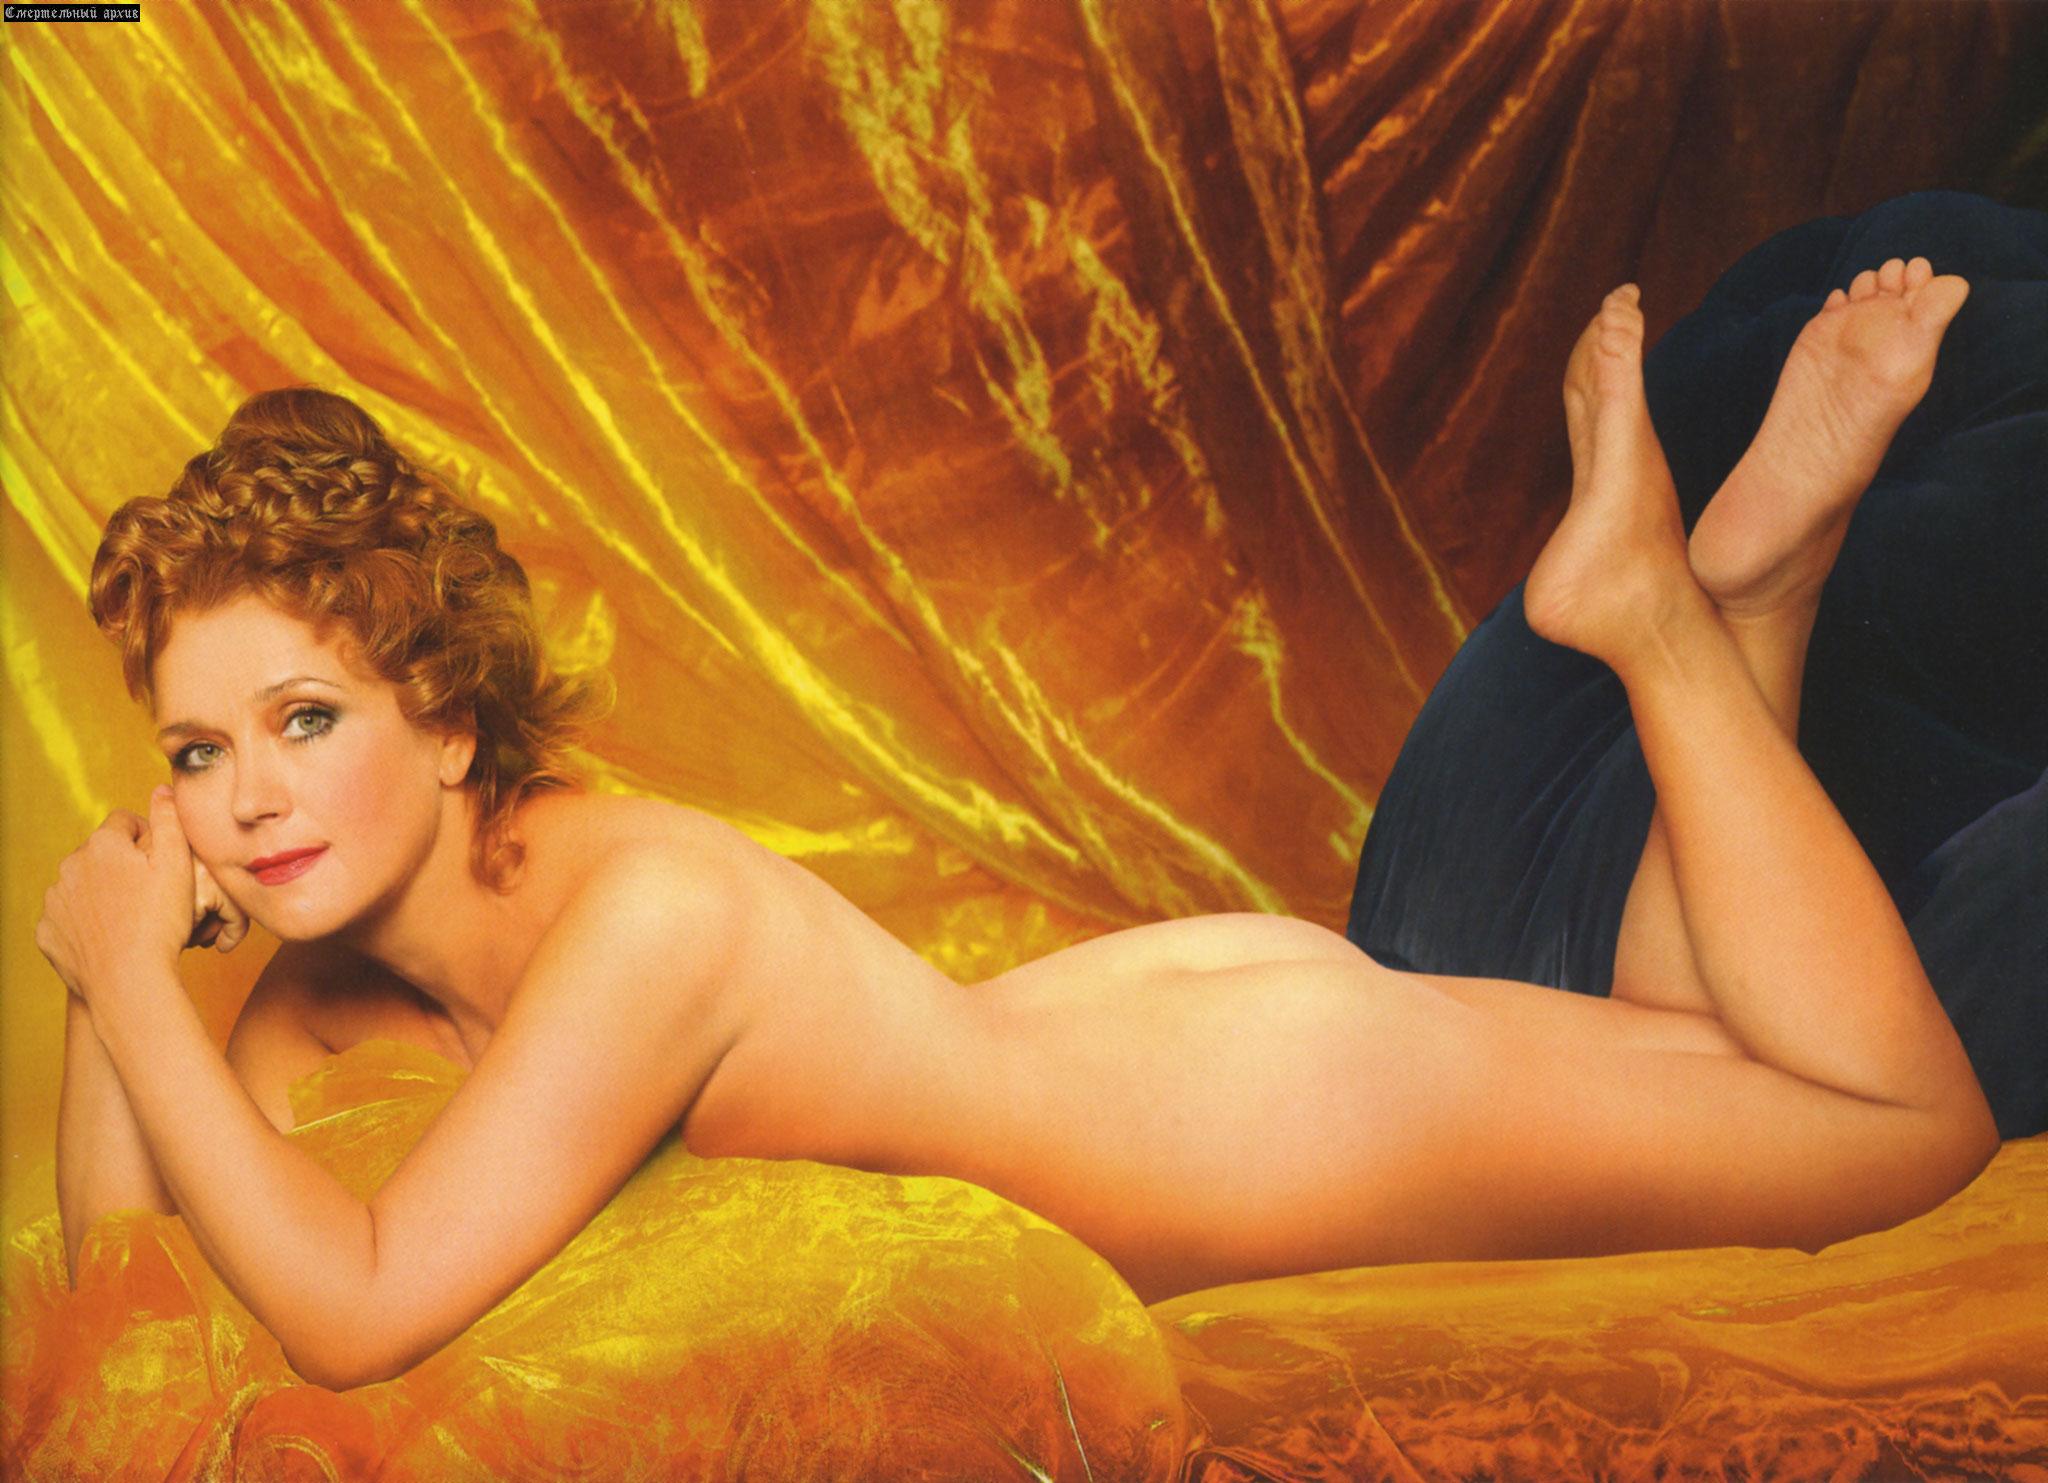 Порно и эротика с российскими актрисами бесплатно